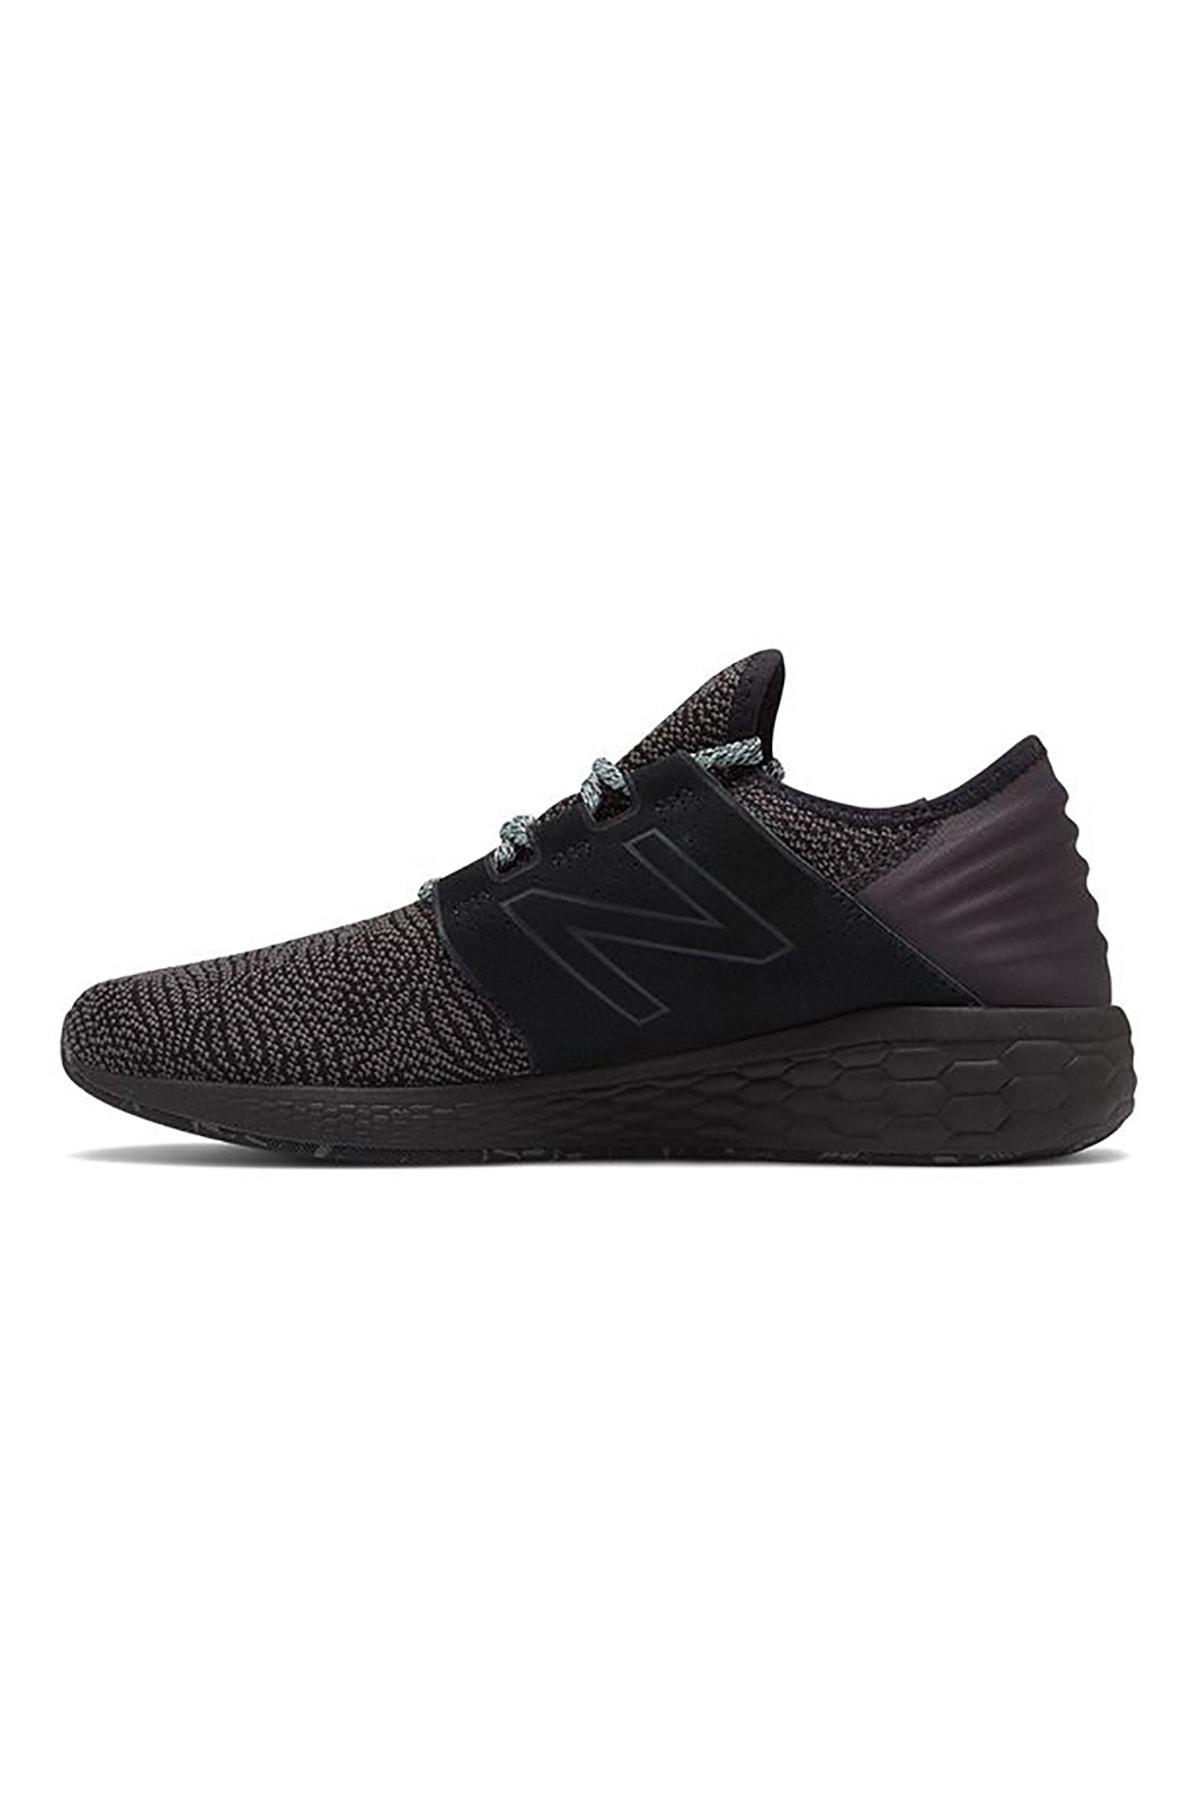 New Balance Erkek Günlük Spor Ayakkabı Mcruzdk2 2